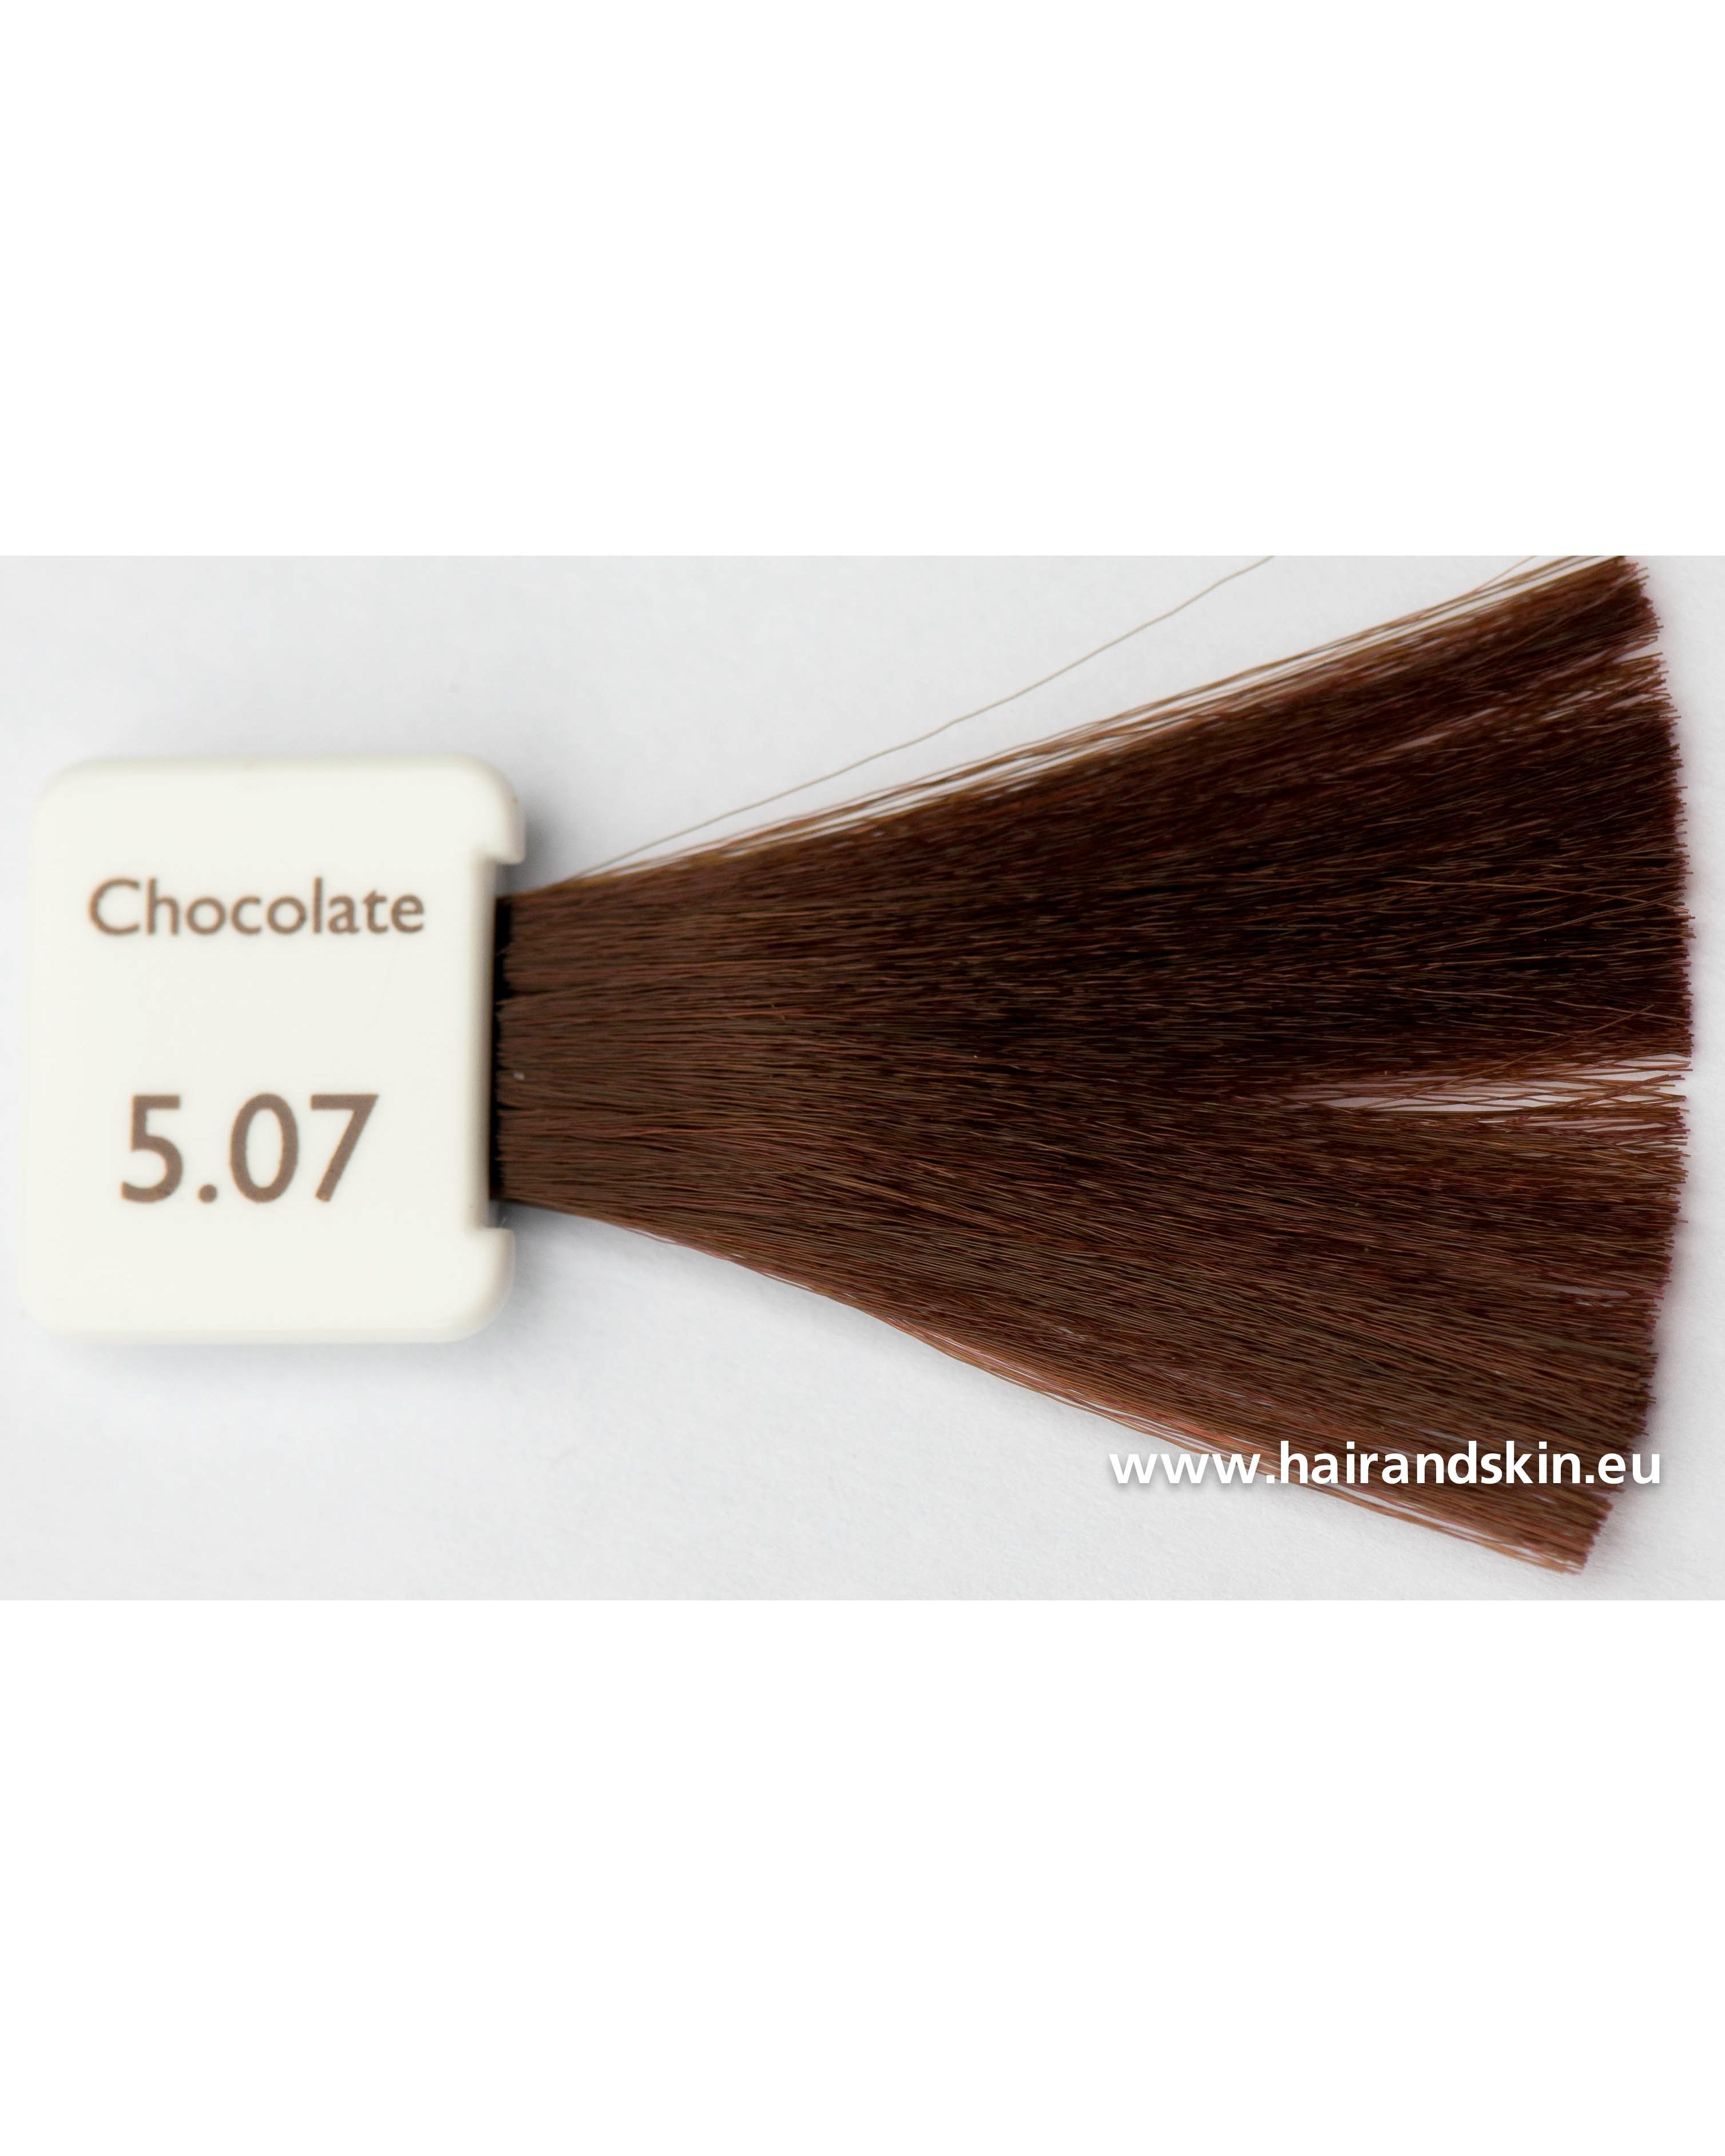 Chocolat - 5.07